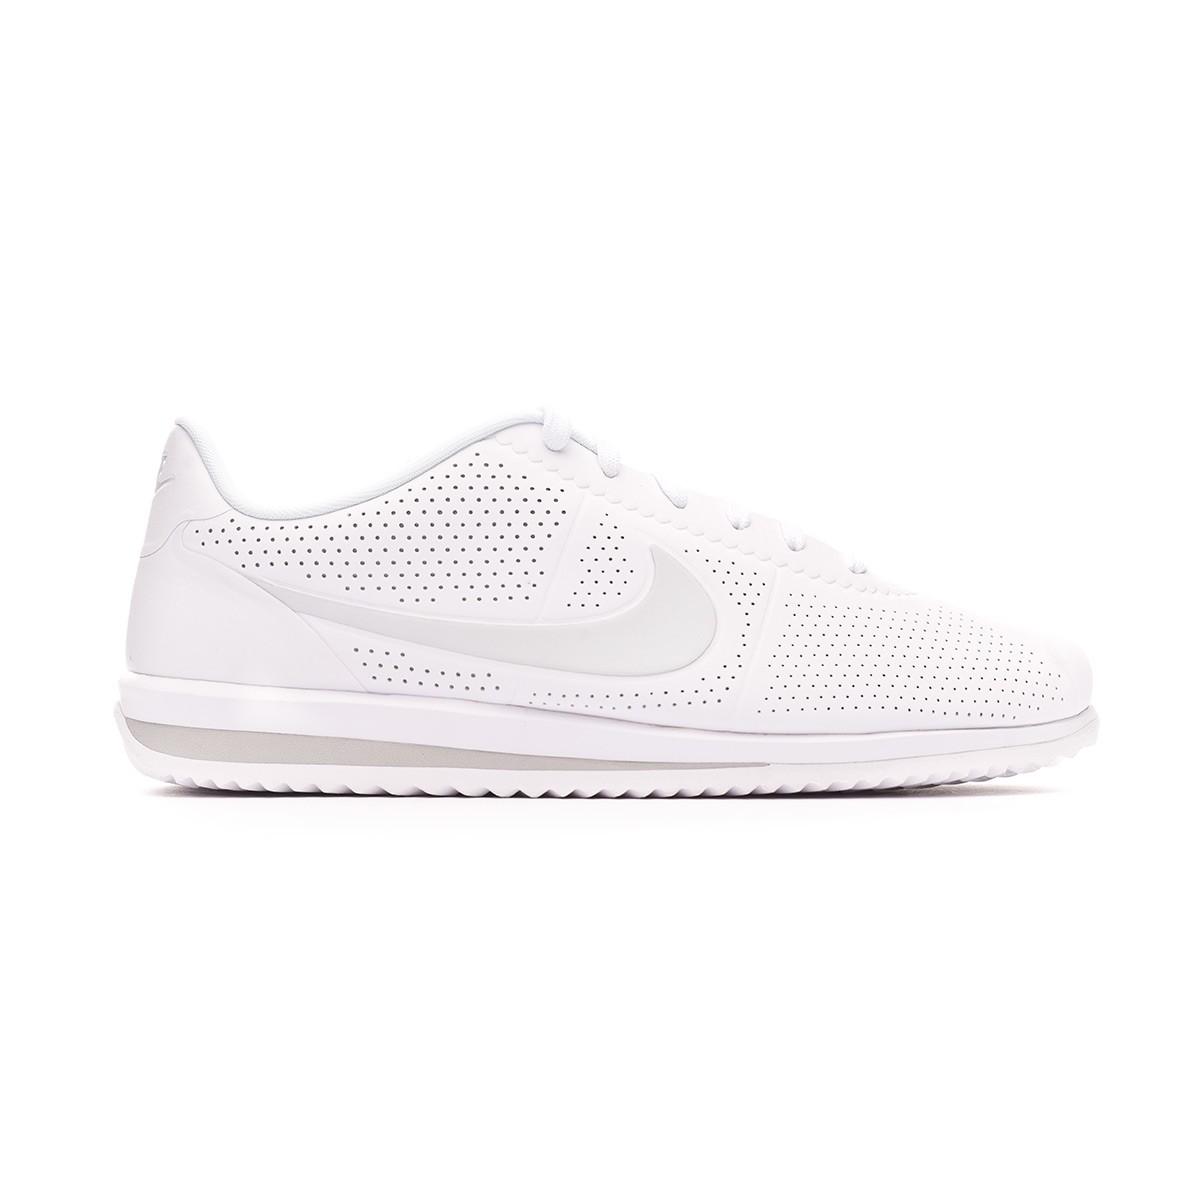 7e7c3583 Zapatilla Nike Cortez Ultra Moire 2019 White-Pure platinum - Tienda de  fútbol Fútbol Emotion